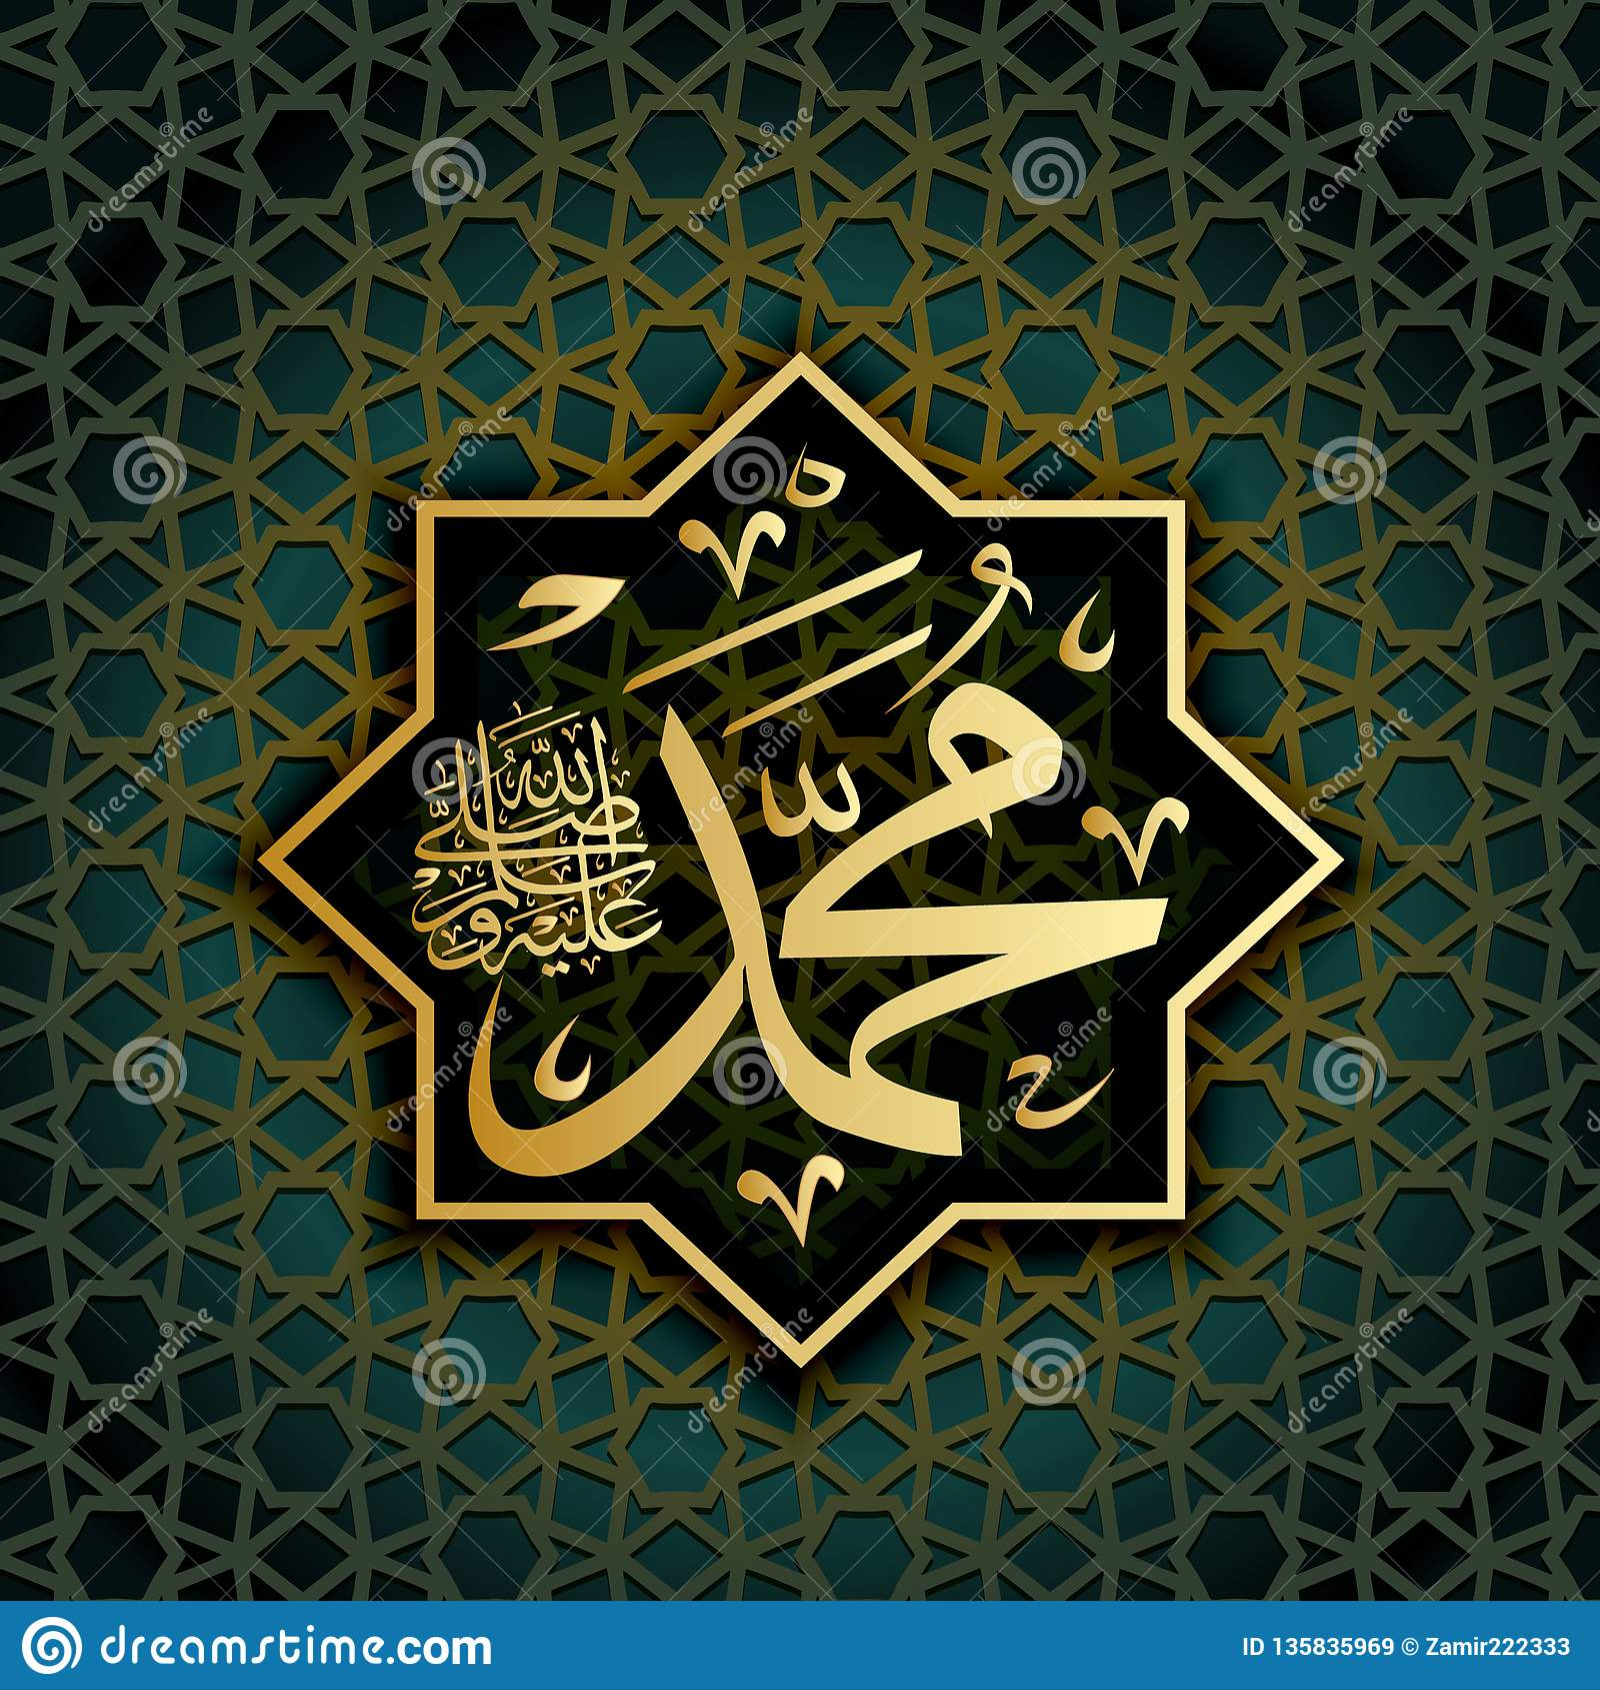 伊斯兰教的书法穆罕默德,sallallaahu'alaihi WA sallam,可以用于做伊斯兰教的假日翻译:先知穆罕默德,